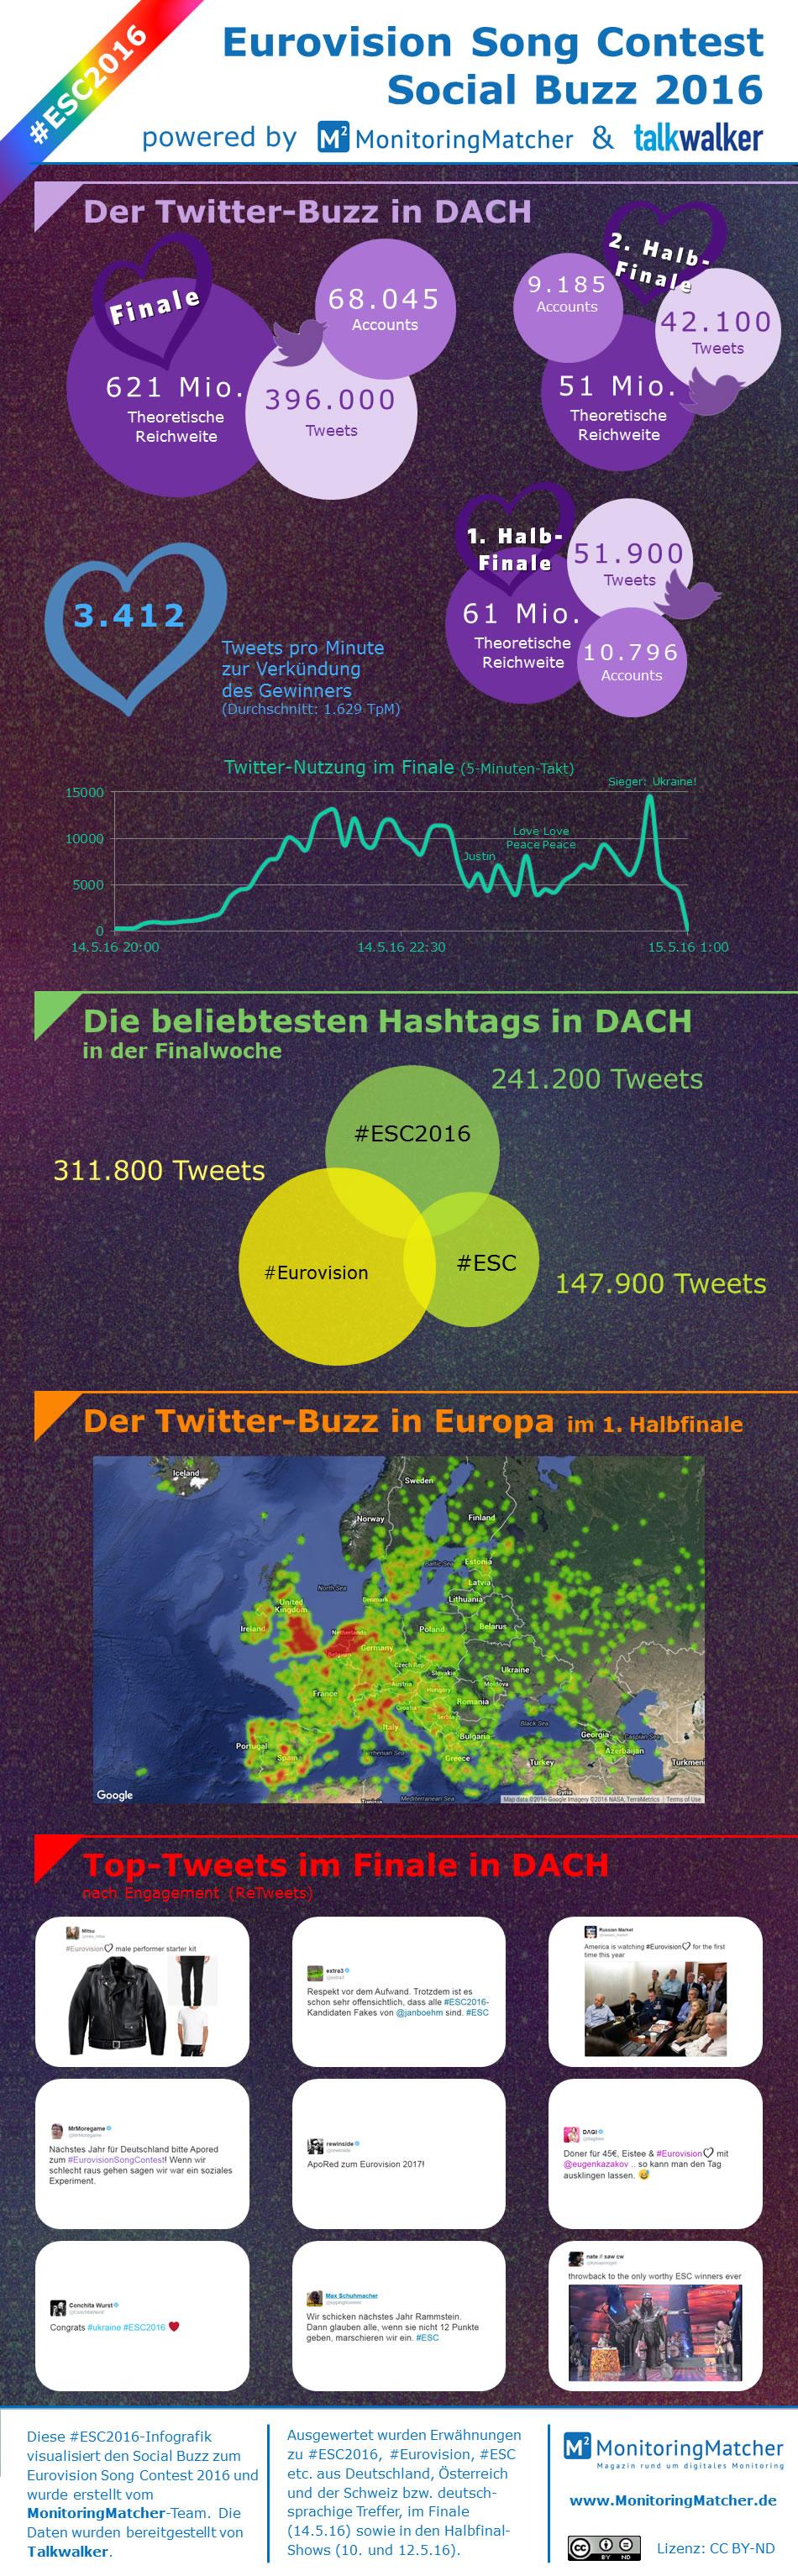 infografik social buzz esc2016 eurovision